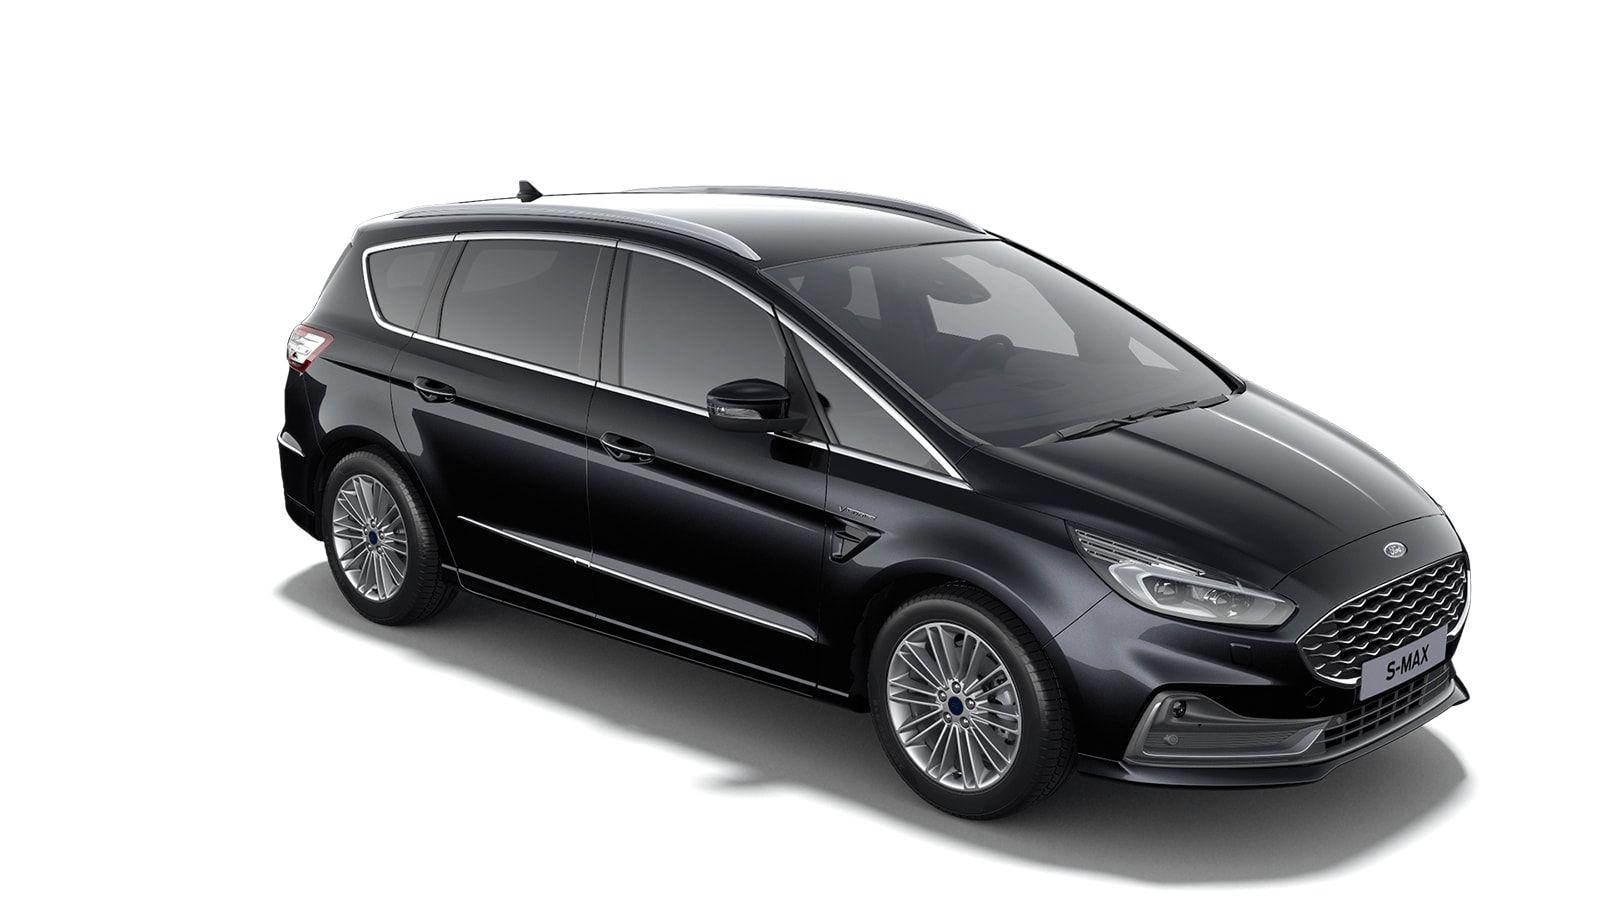 """Demo Ford S-max Vignale 2.5i HEV 190pk / 140kW HF45aut - 5d 9I6 - """"Agate Black Vignale"""" metaalkleur 4"""